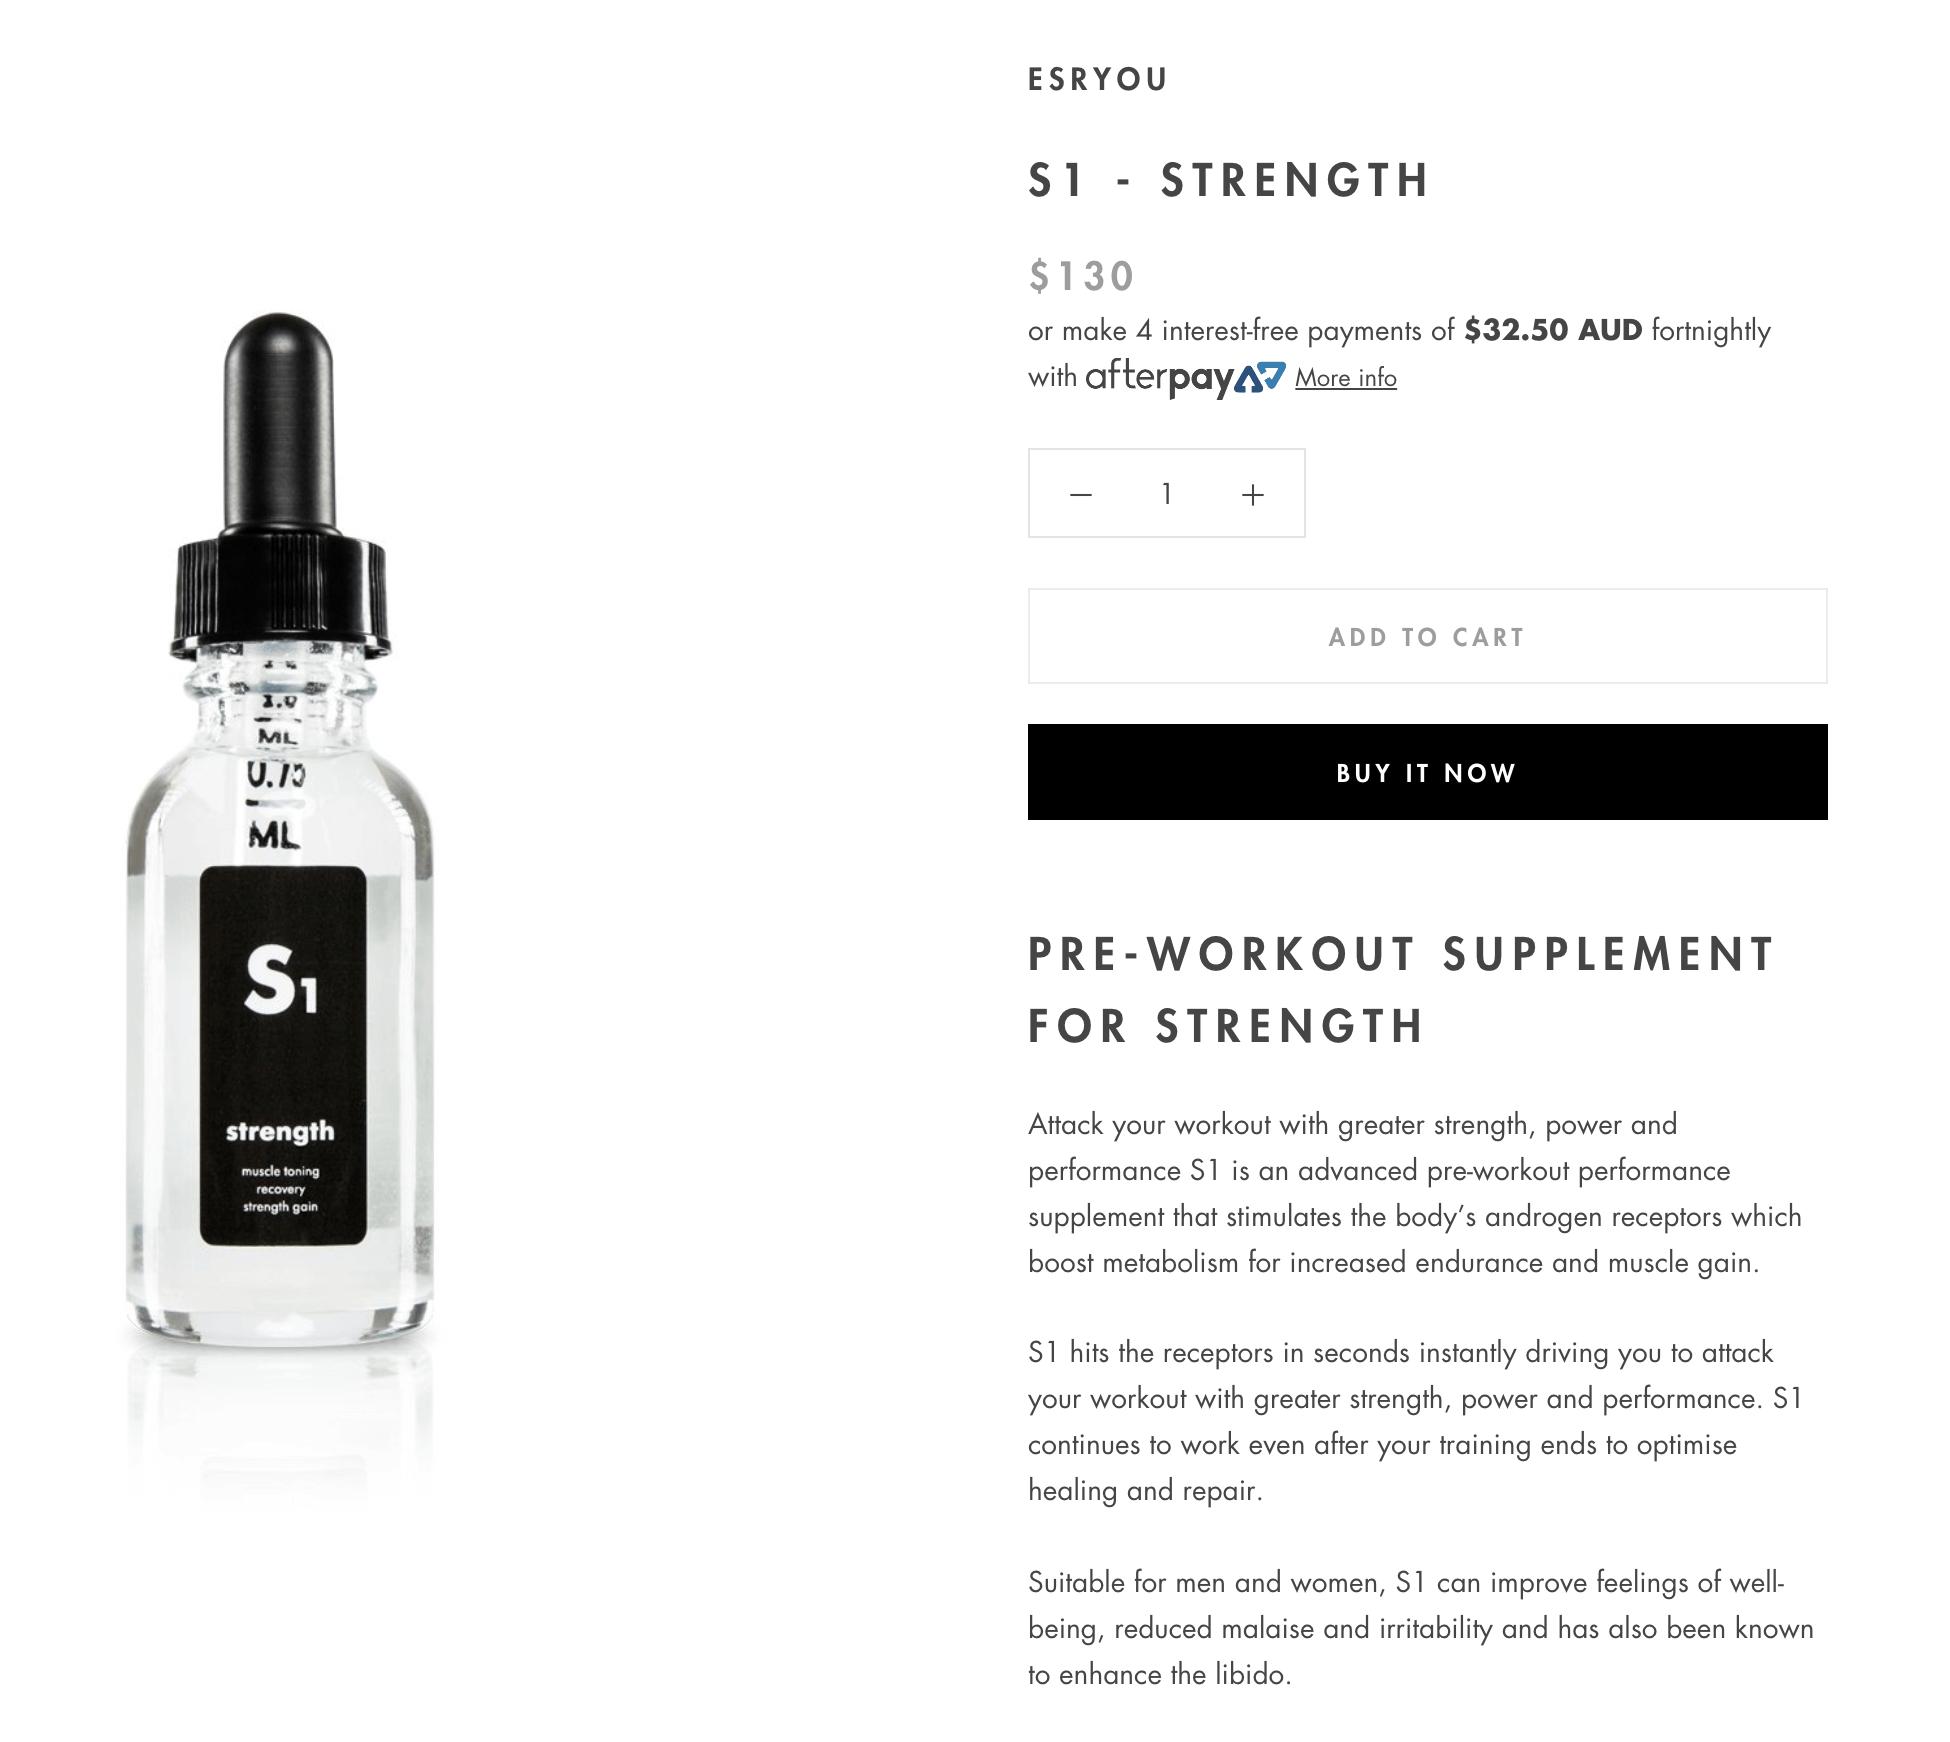 ESRYou-Product-description-copywriting